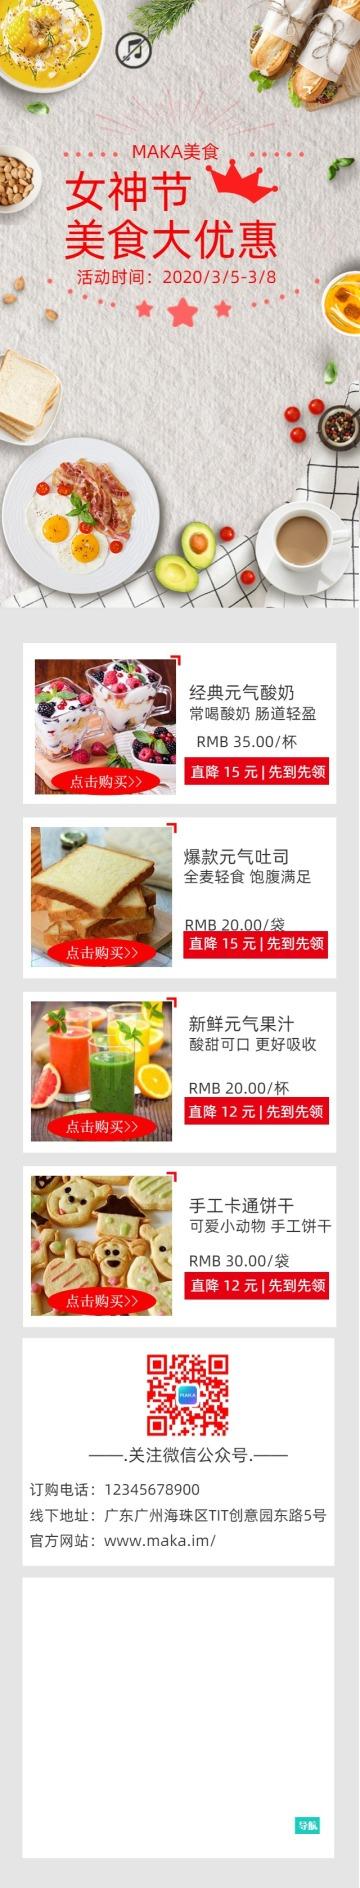 简约38妇女节甜品美食小吃零食促销宣传优惠活动长页